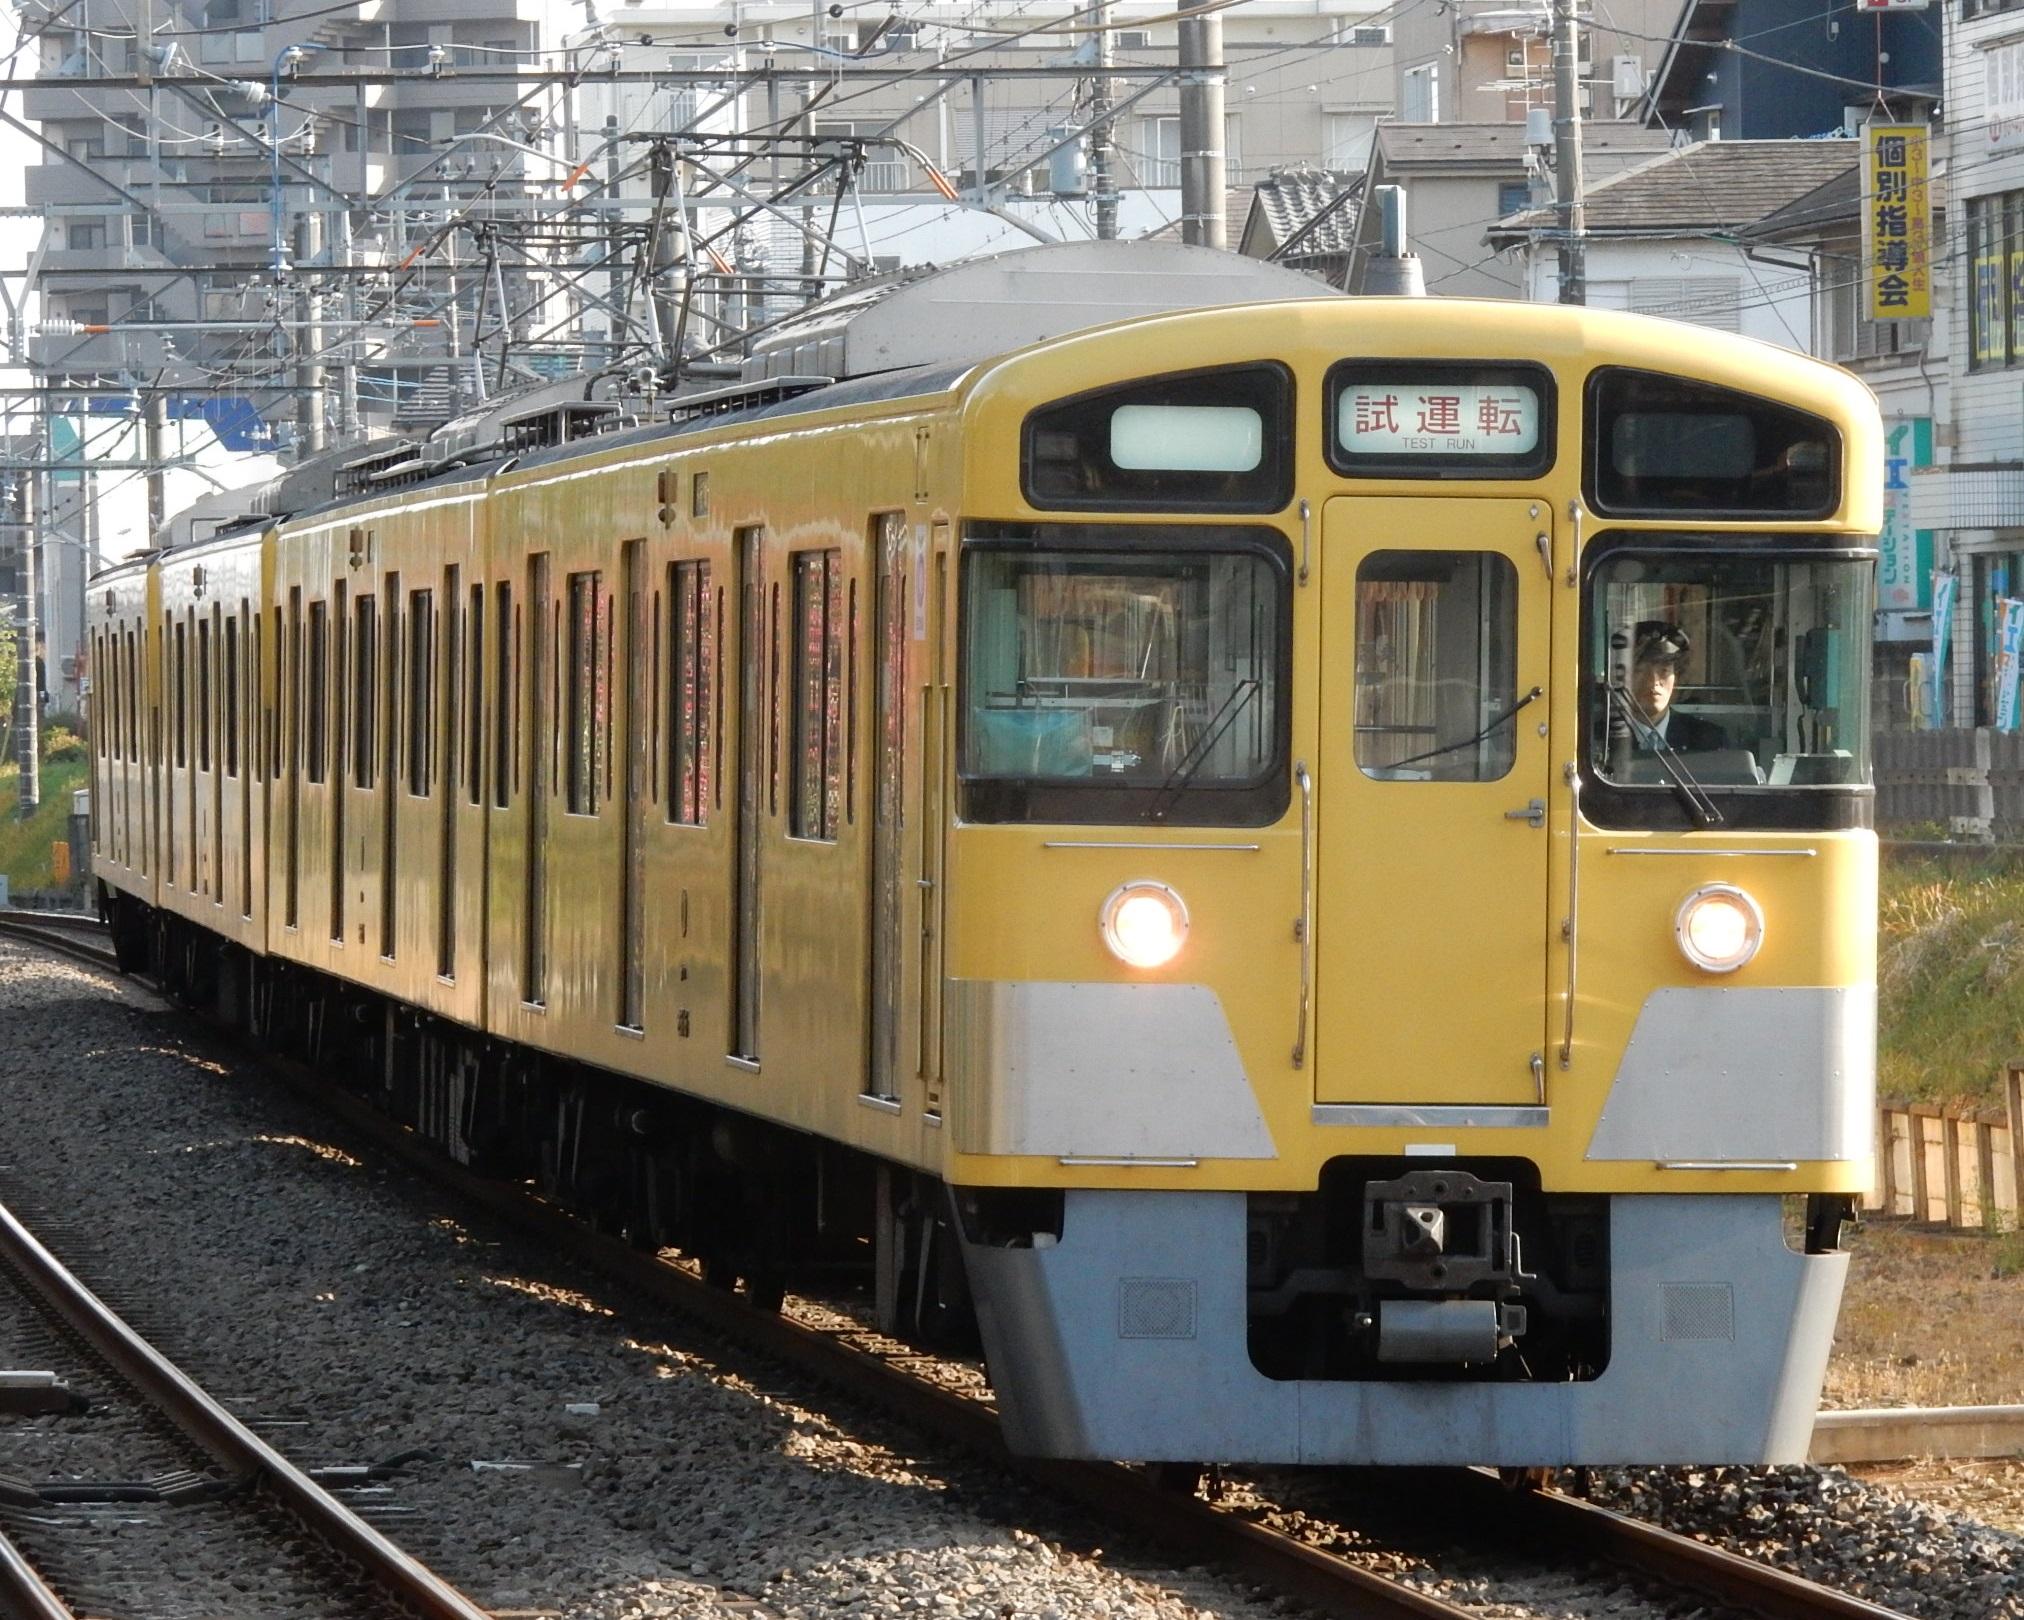 DSCN9193.jpg